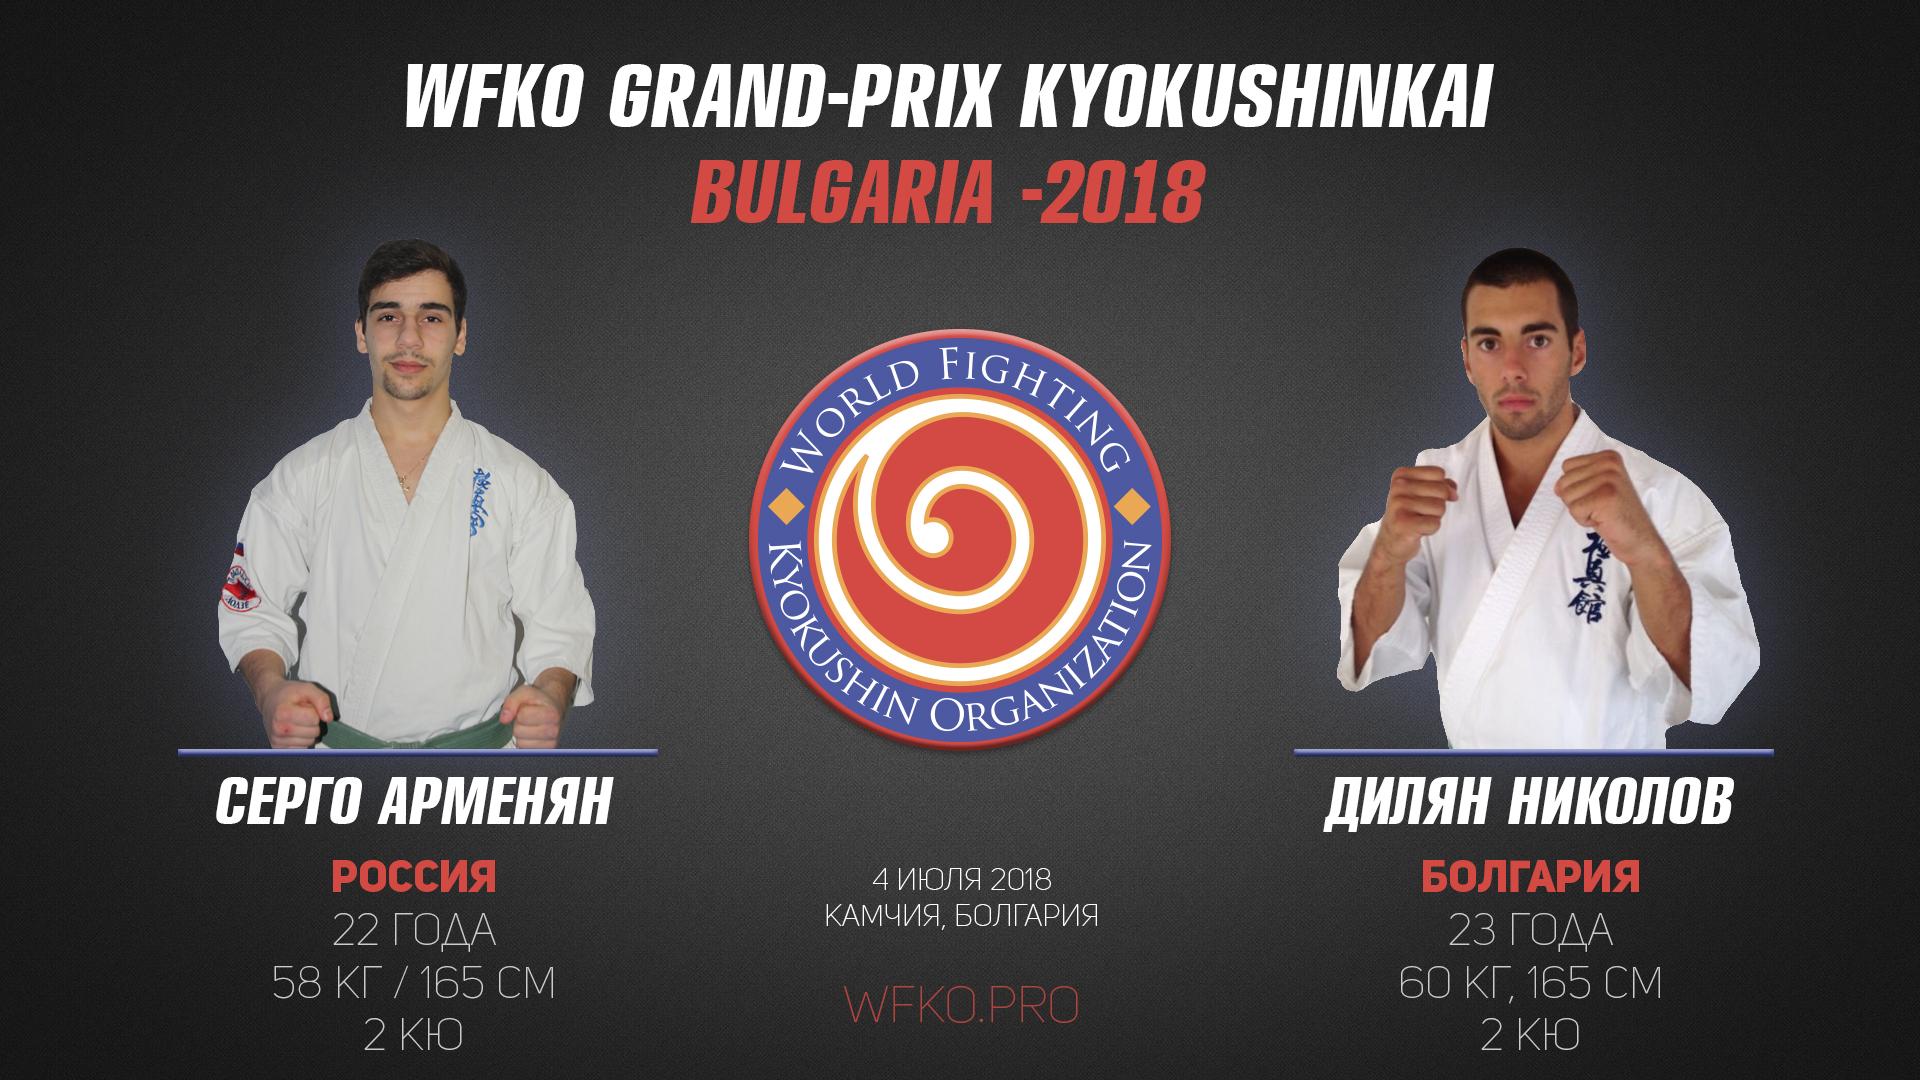 WFKO Grand-Prix Kyokushinkai / Bulgaria -2018